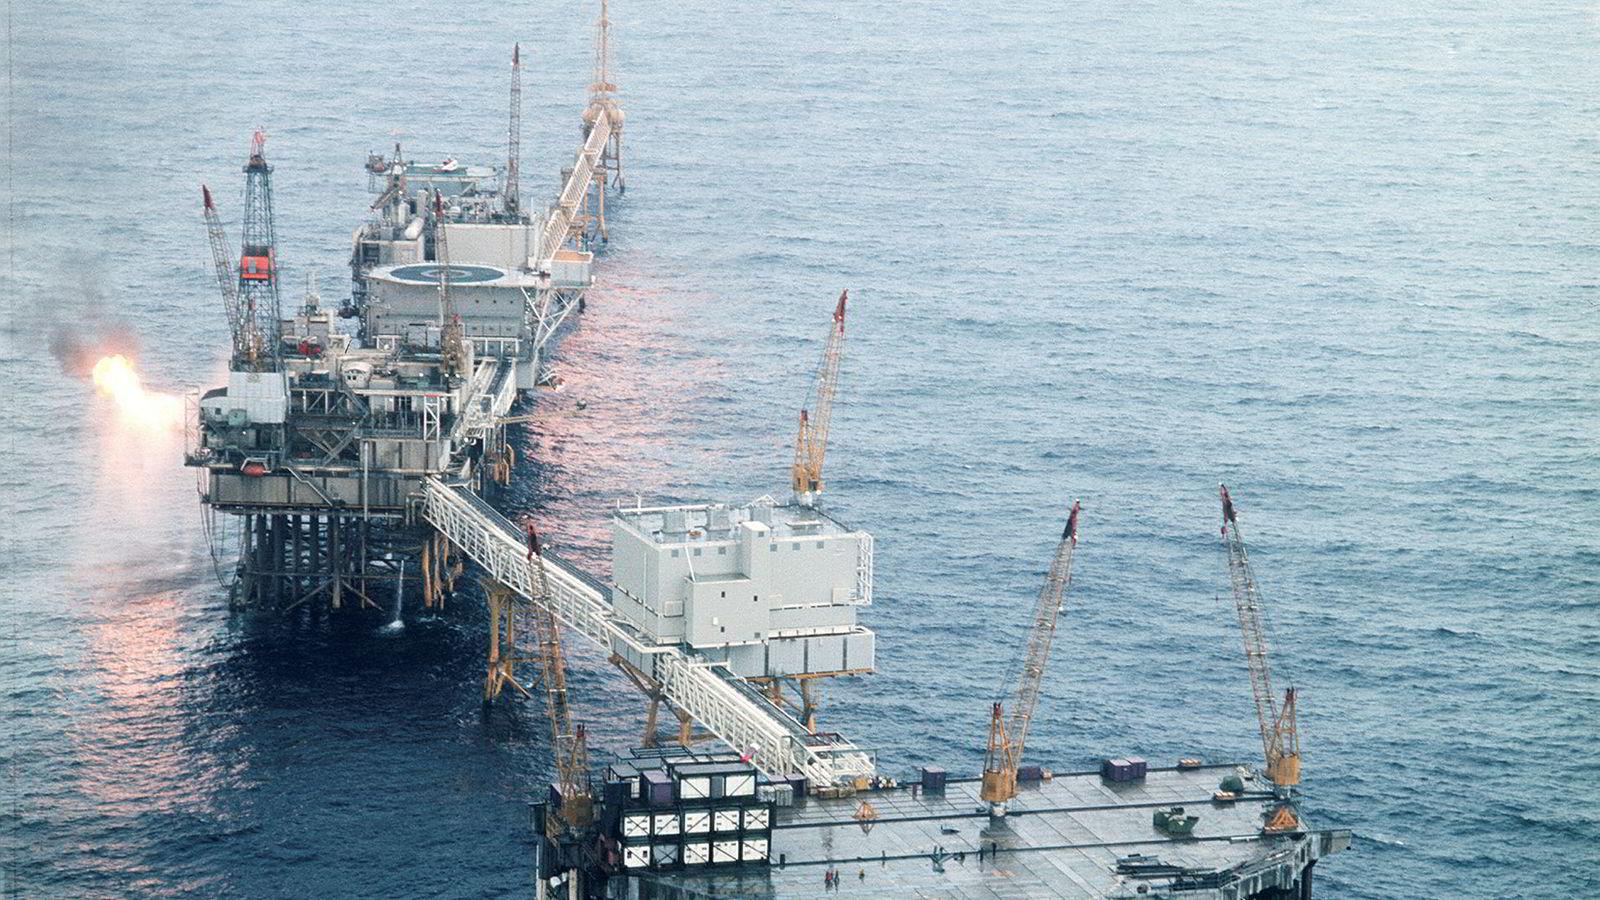 Rammebetingelsene for petroleumsvirksomheten er utviklet gjennom 50 år for å nå målene i petroleumspolitikken. De er skreddersydd for å fungere over tid, inkludert å være robuste for både høye og lave priser på olje- og gass. Bildet er fra Ekofisk-senteret i Nordsjøen i 1974-